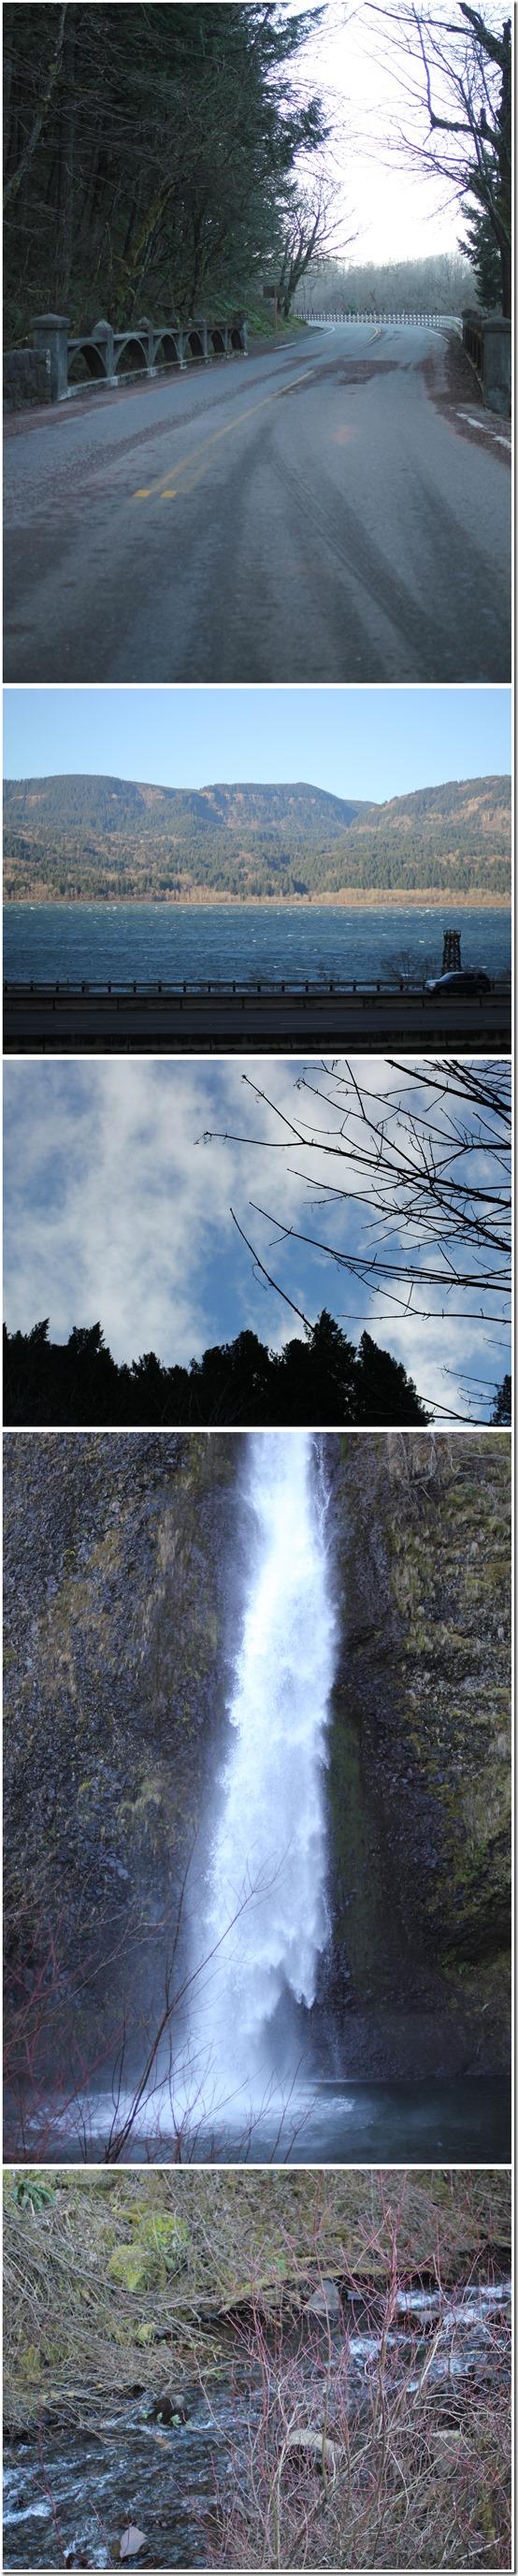 multnomah falls 0